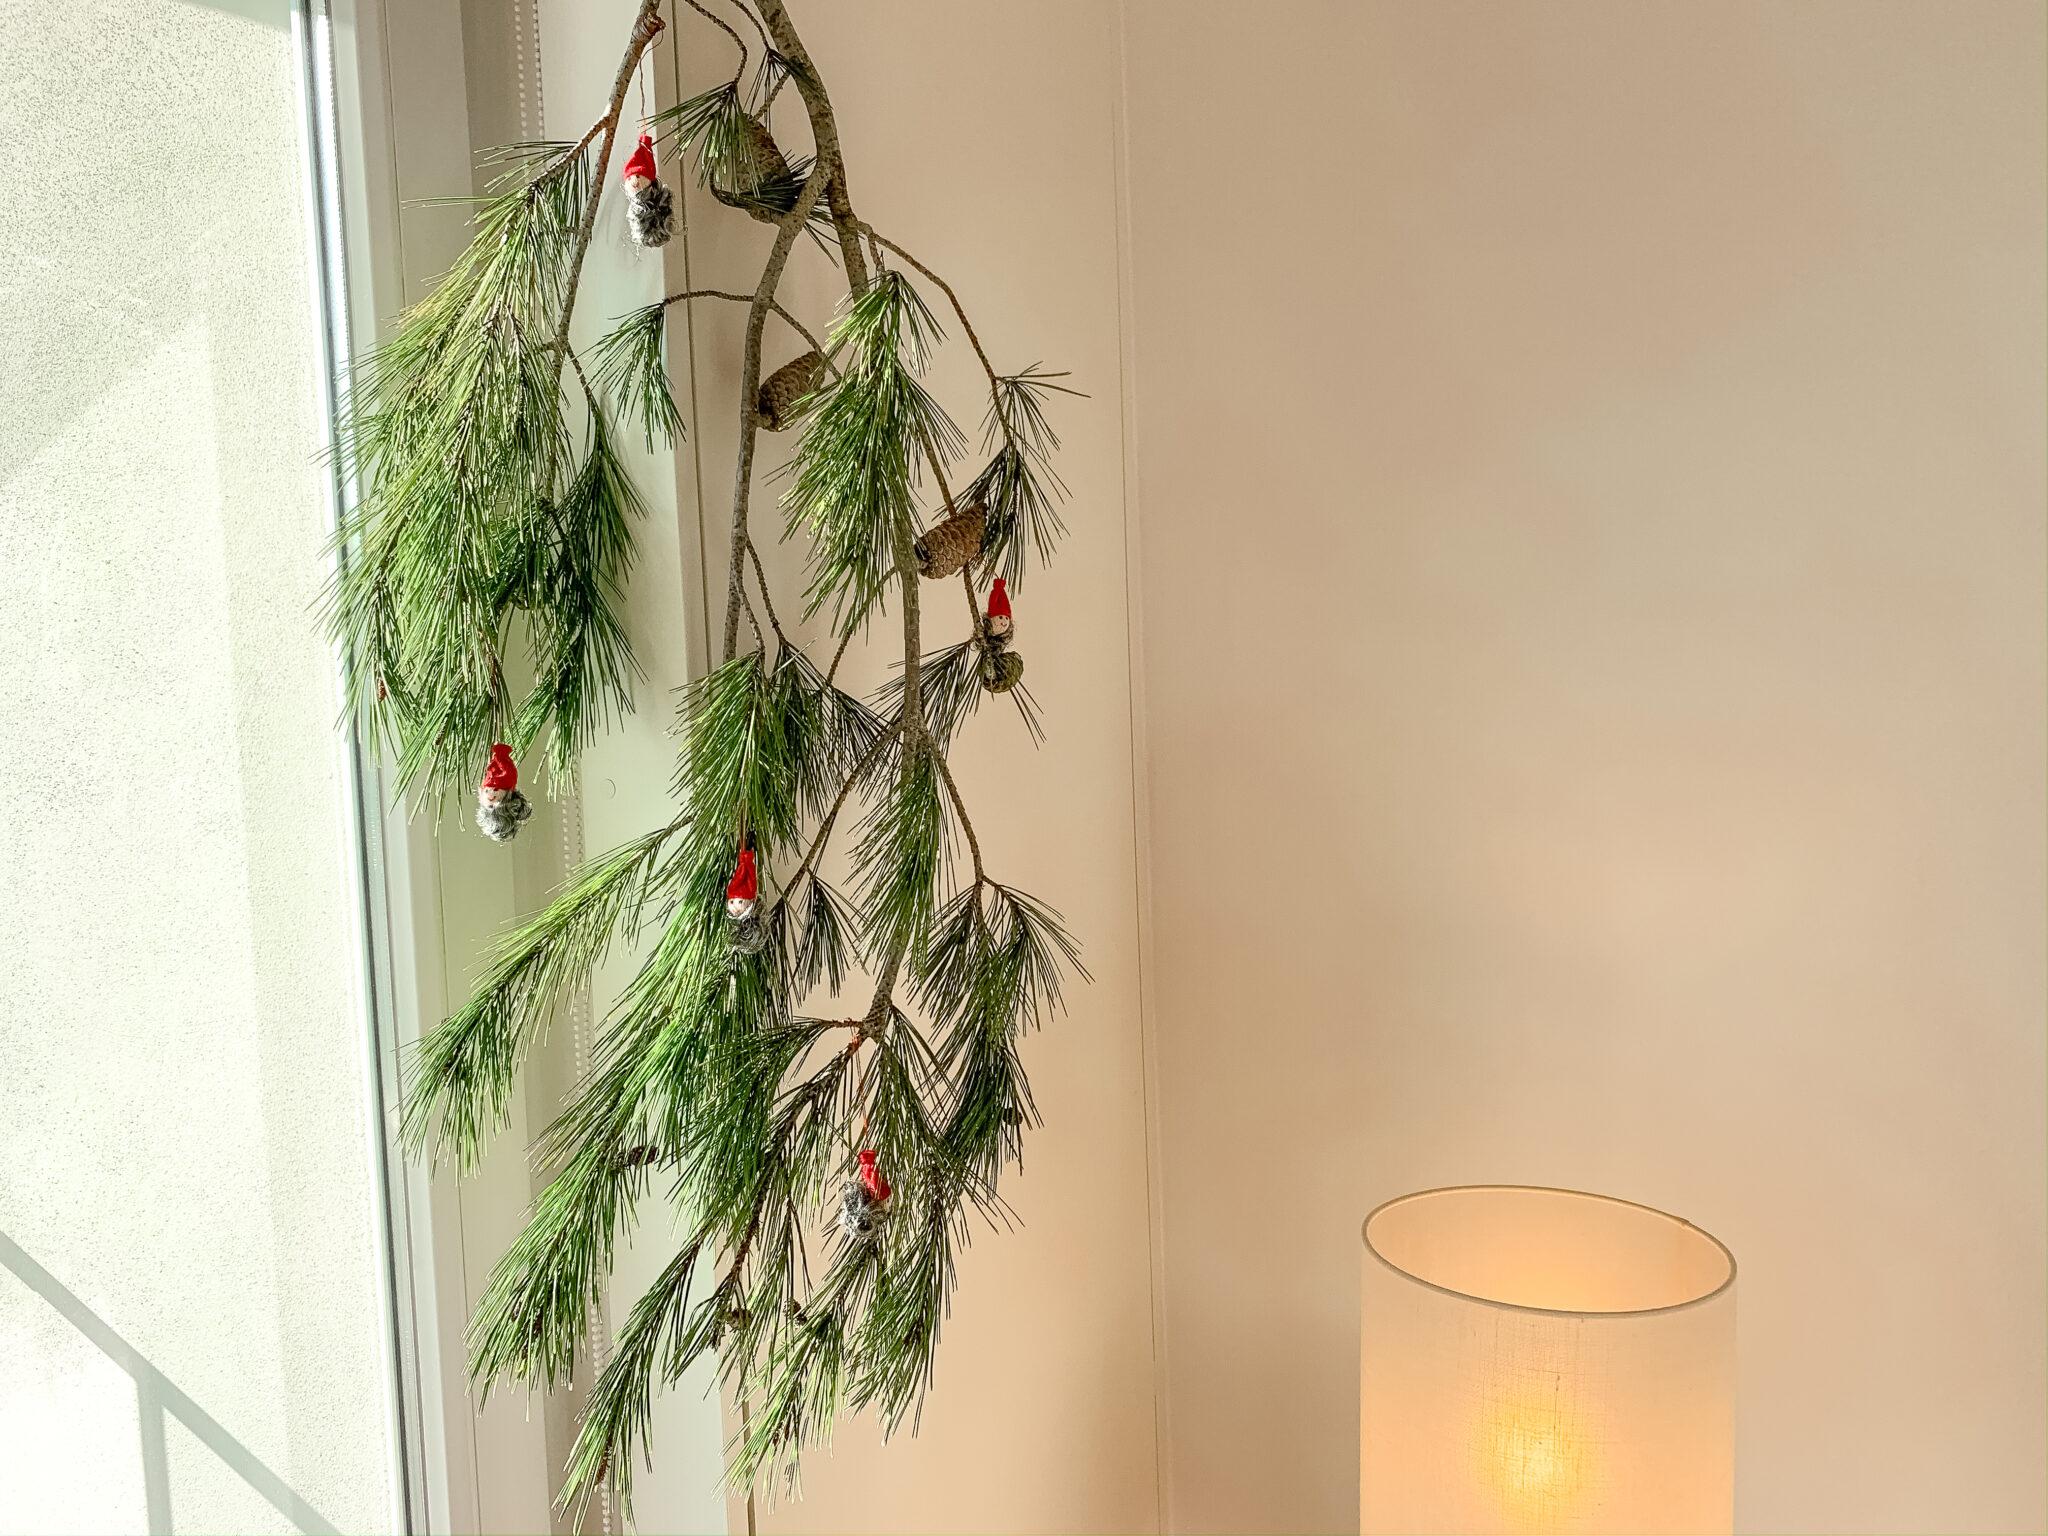 julepynt hjemmelavet